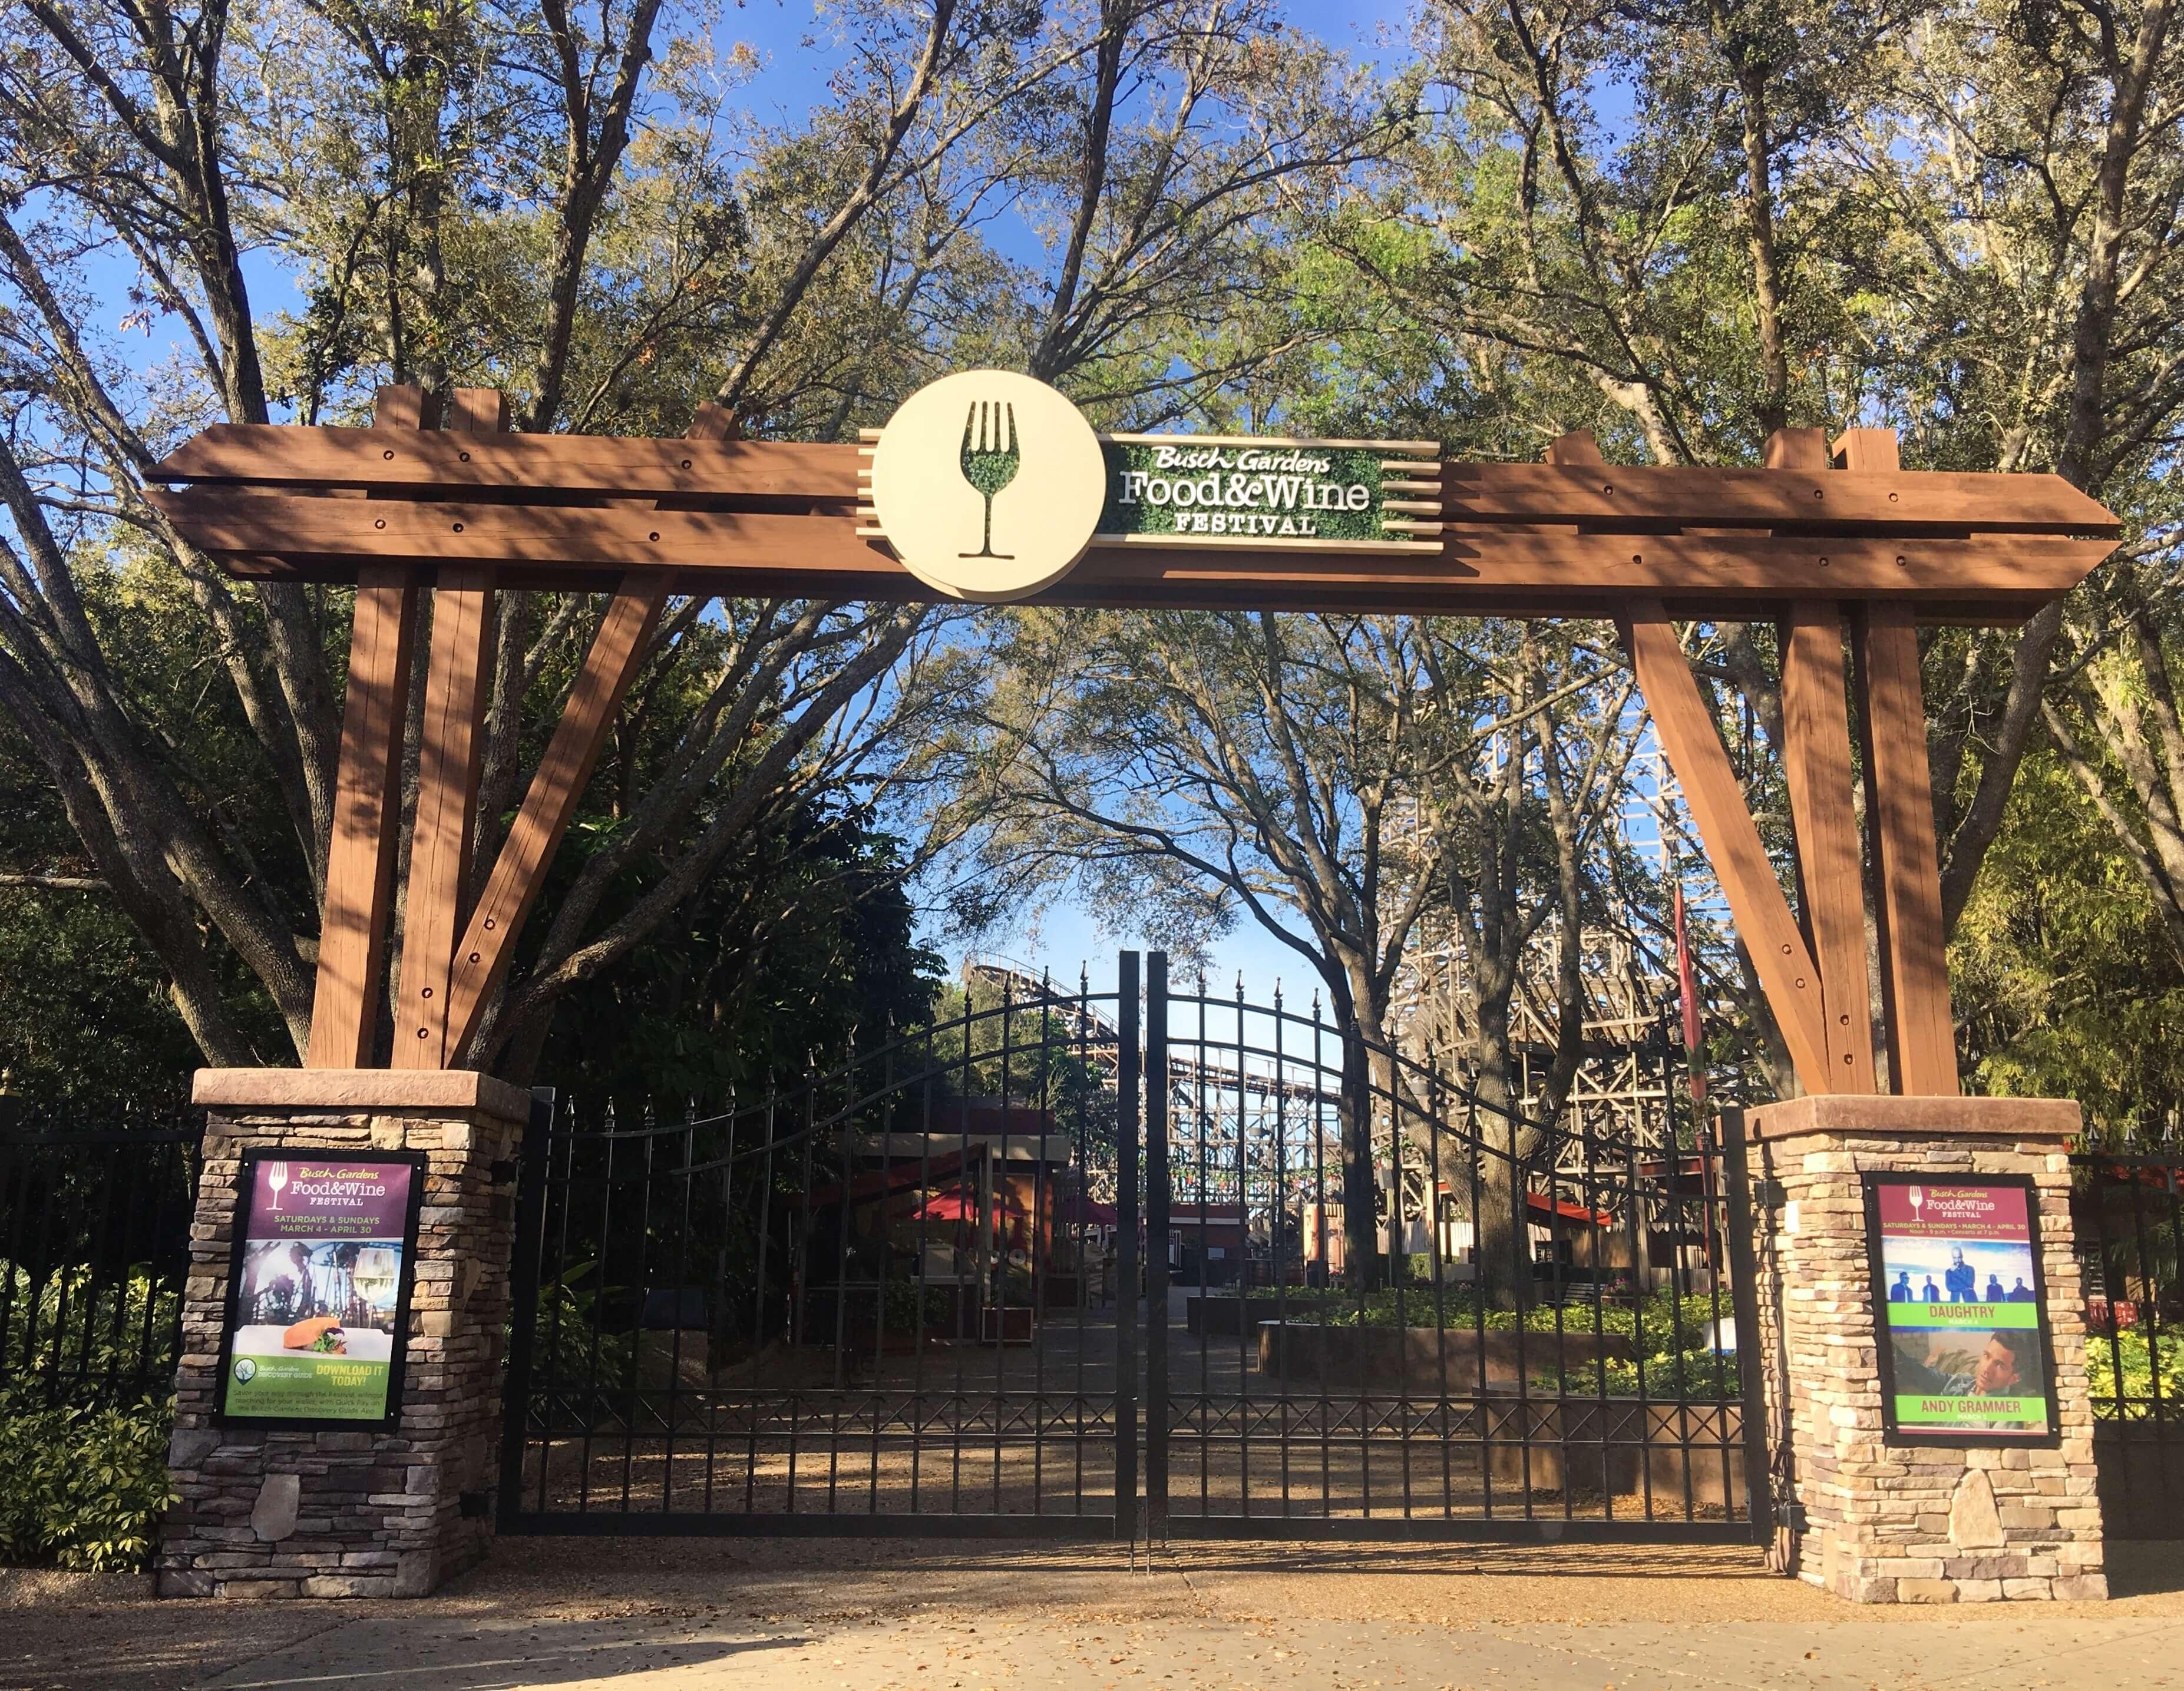 Parque Busch Gardens em Tampa: Food & Wine Festival